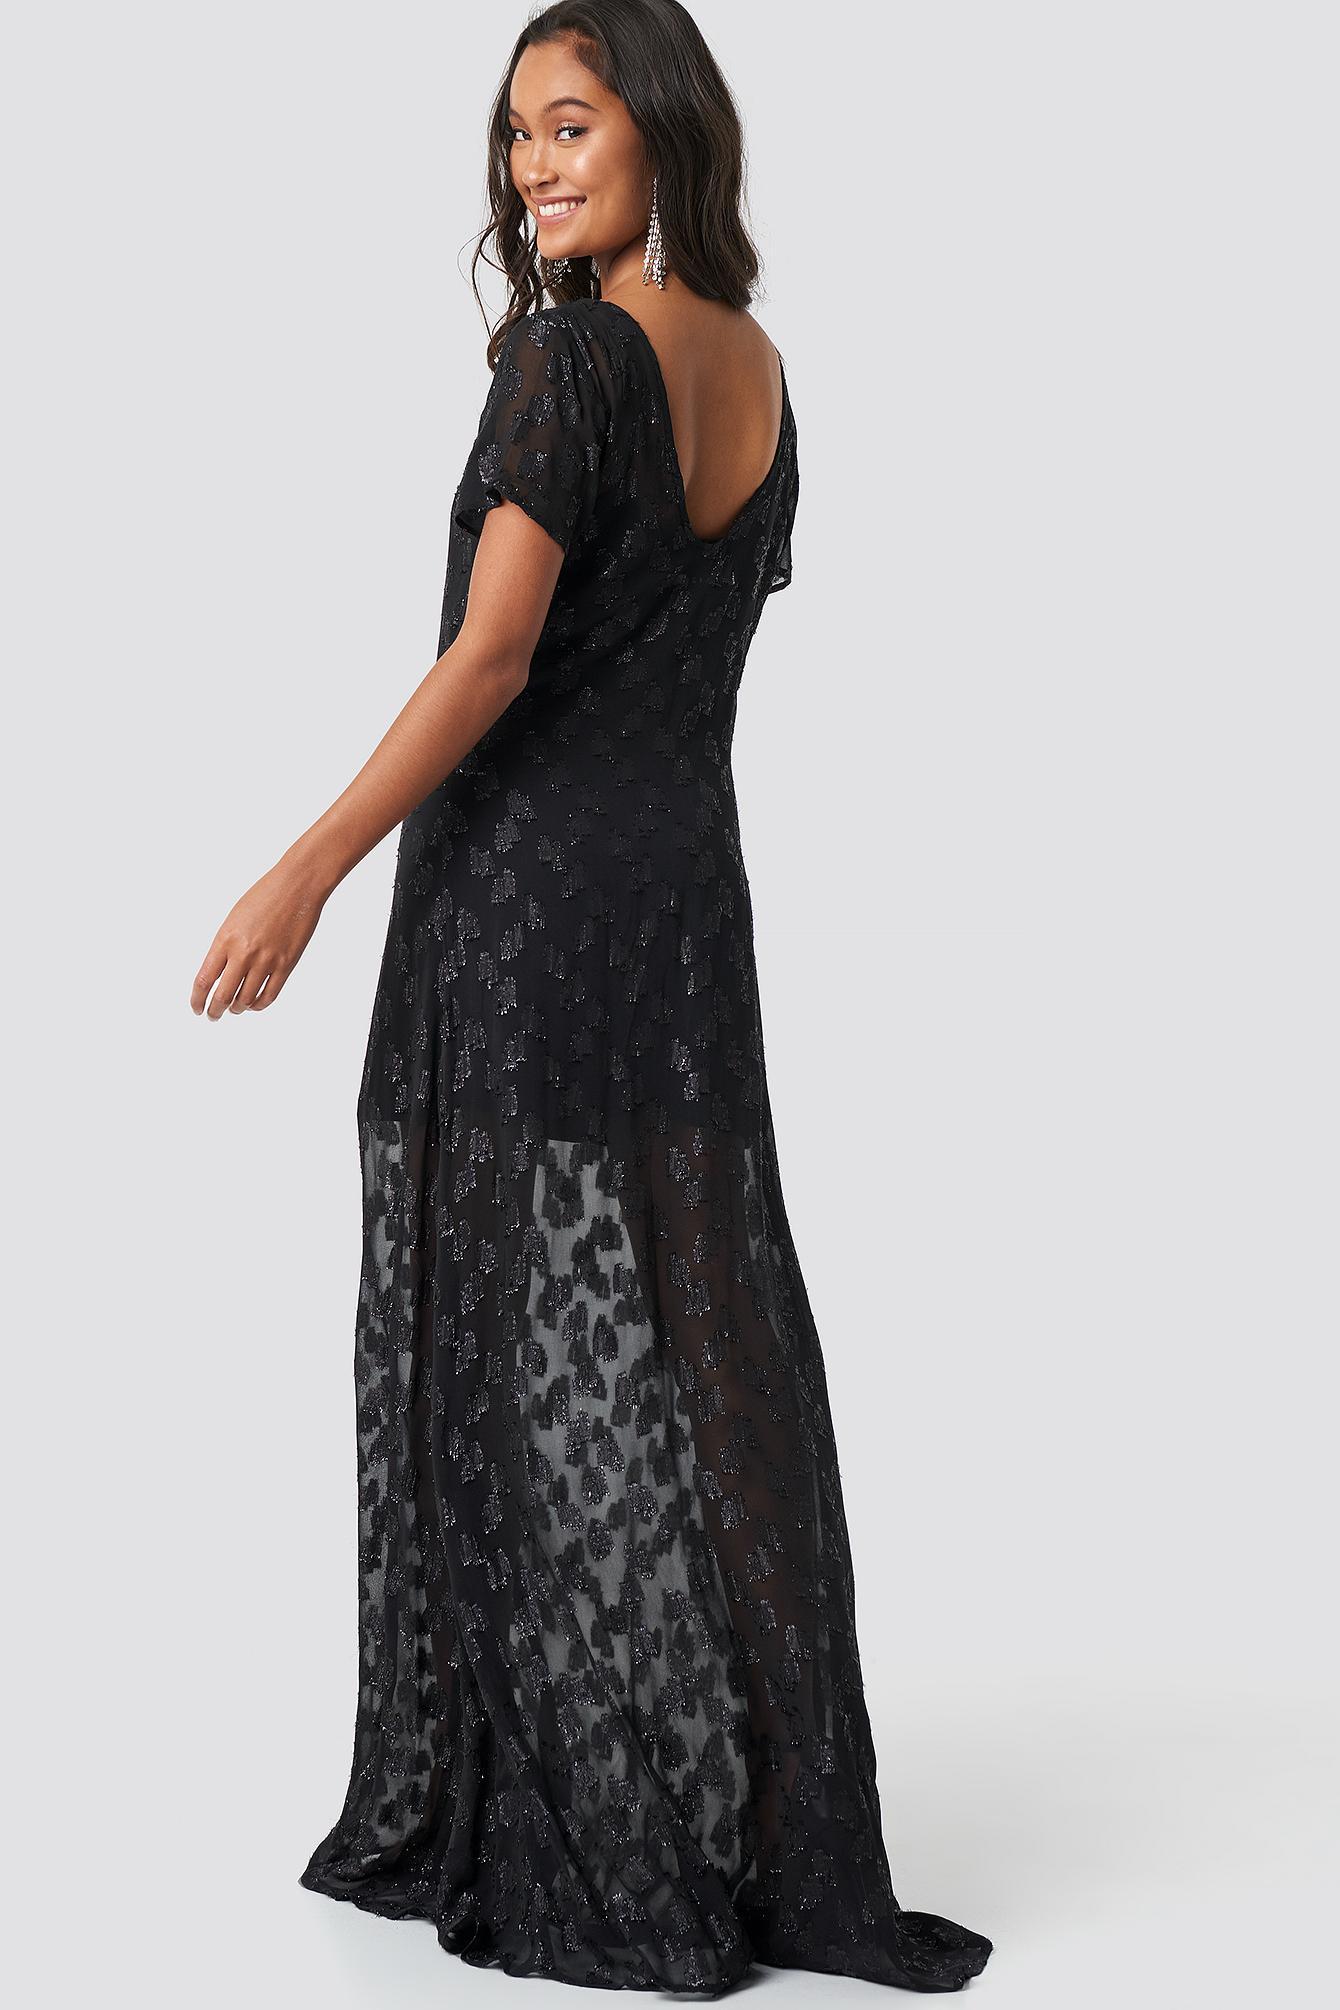 7c271c21 ... Sheer Glitter V-neck Maxi Dress Black - Lyst · Visit NA-KD. Tap to  visit site